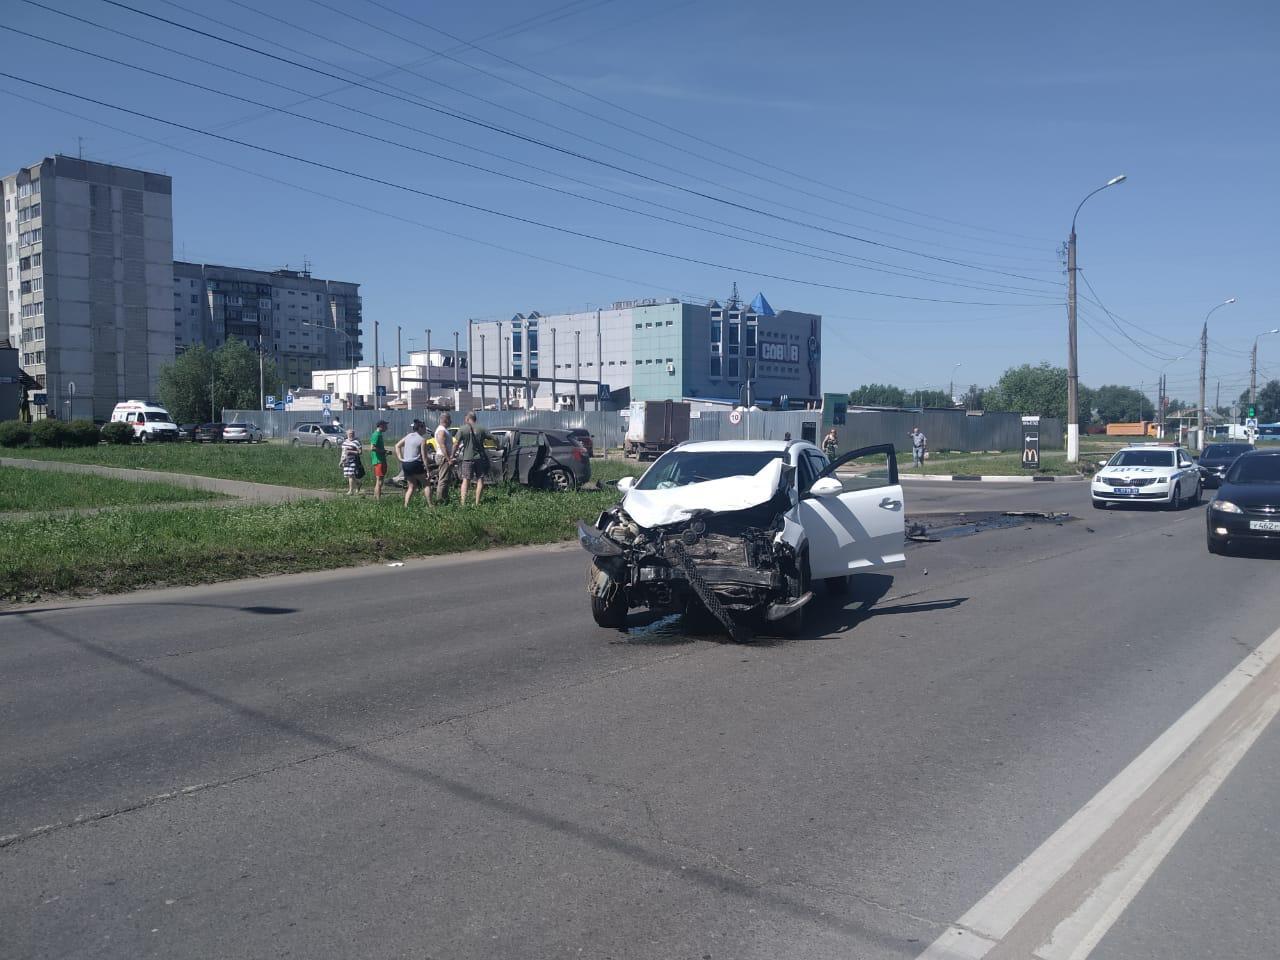 В Твери на Можайского в ДТП пострадала 25-летняя девушка